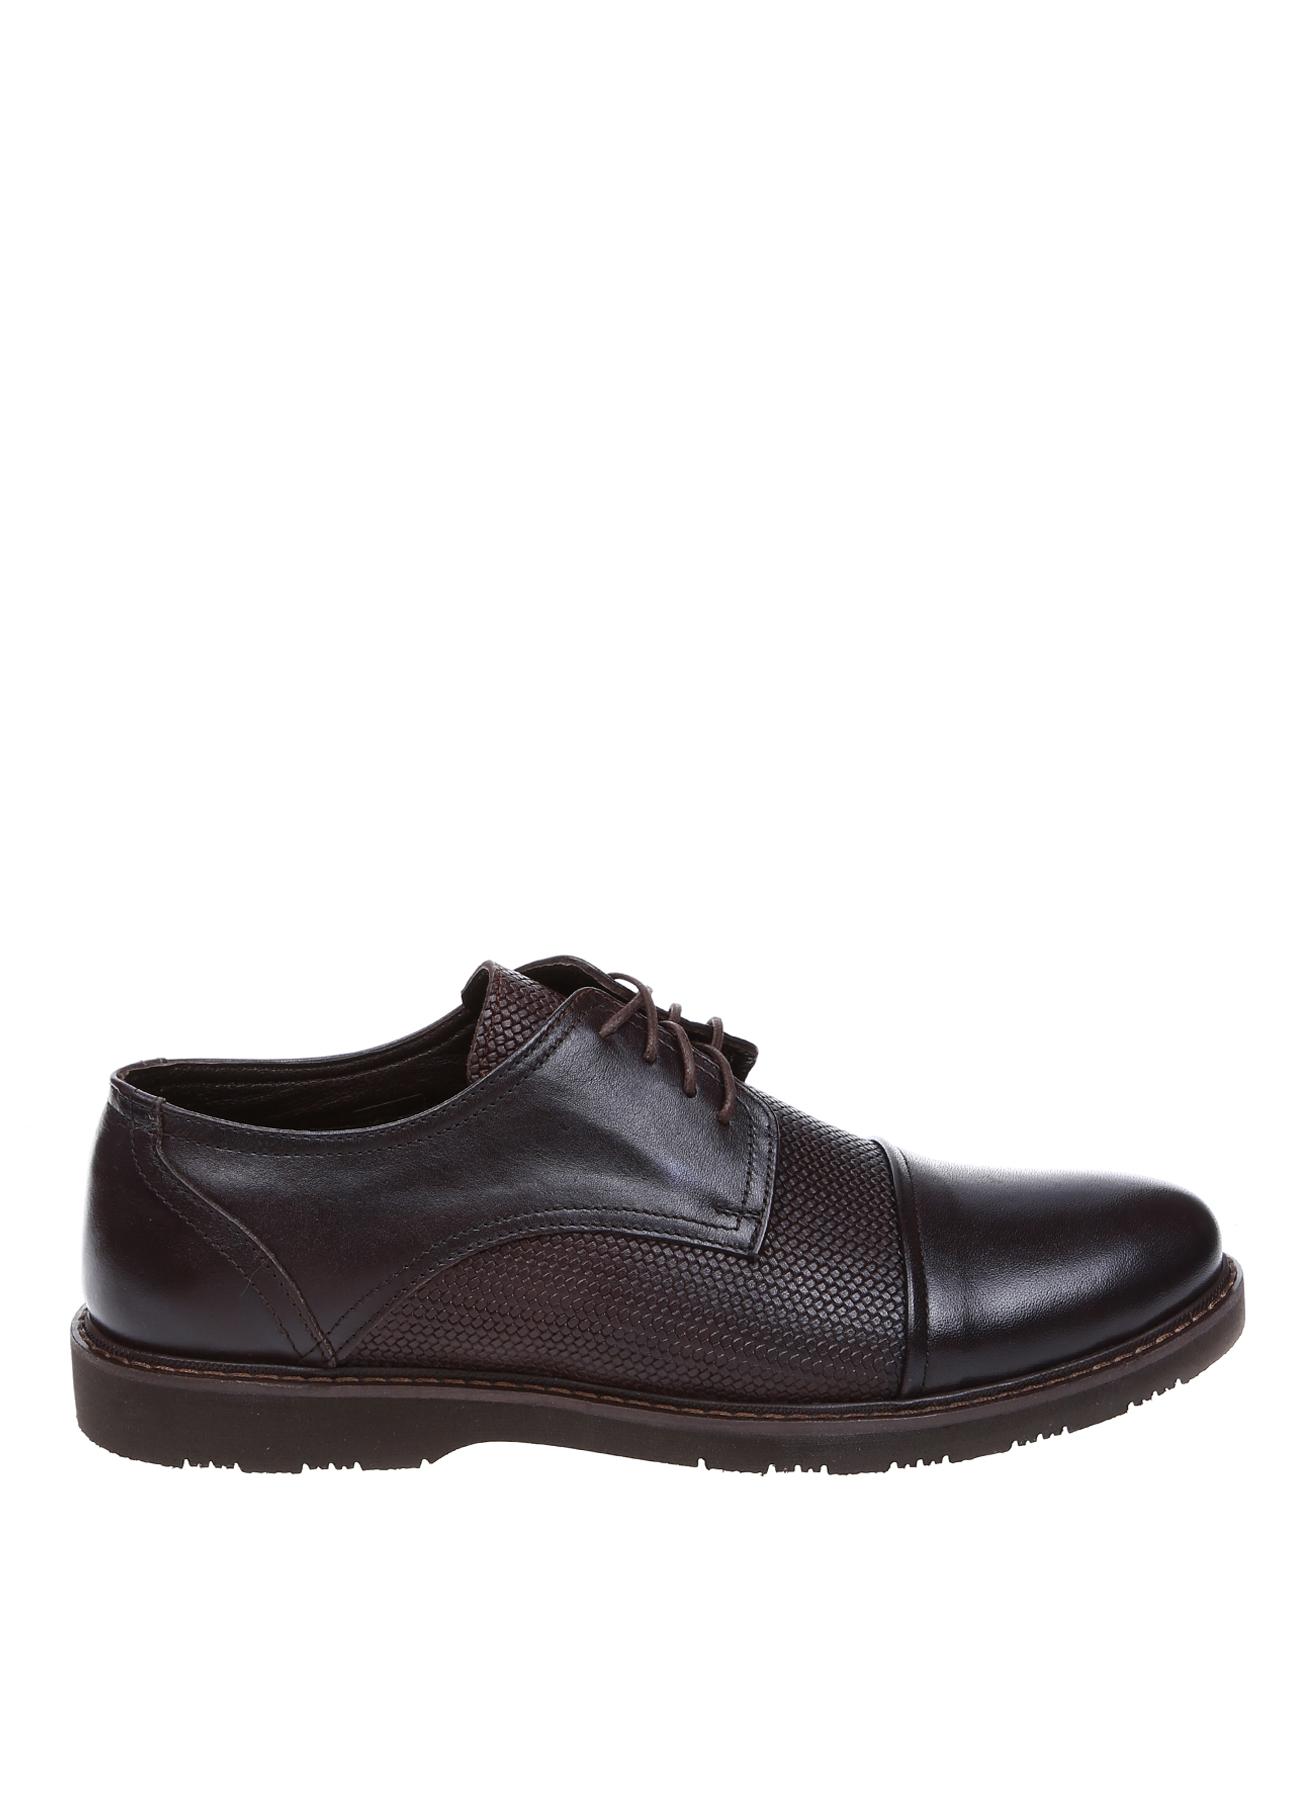 Cotton Bar Deri Kahve Klasik Ayakkabı 43 5001916490004 Ürün Resmi